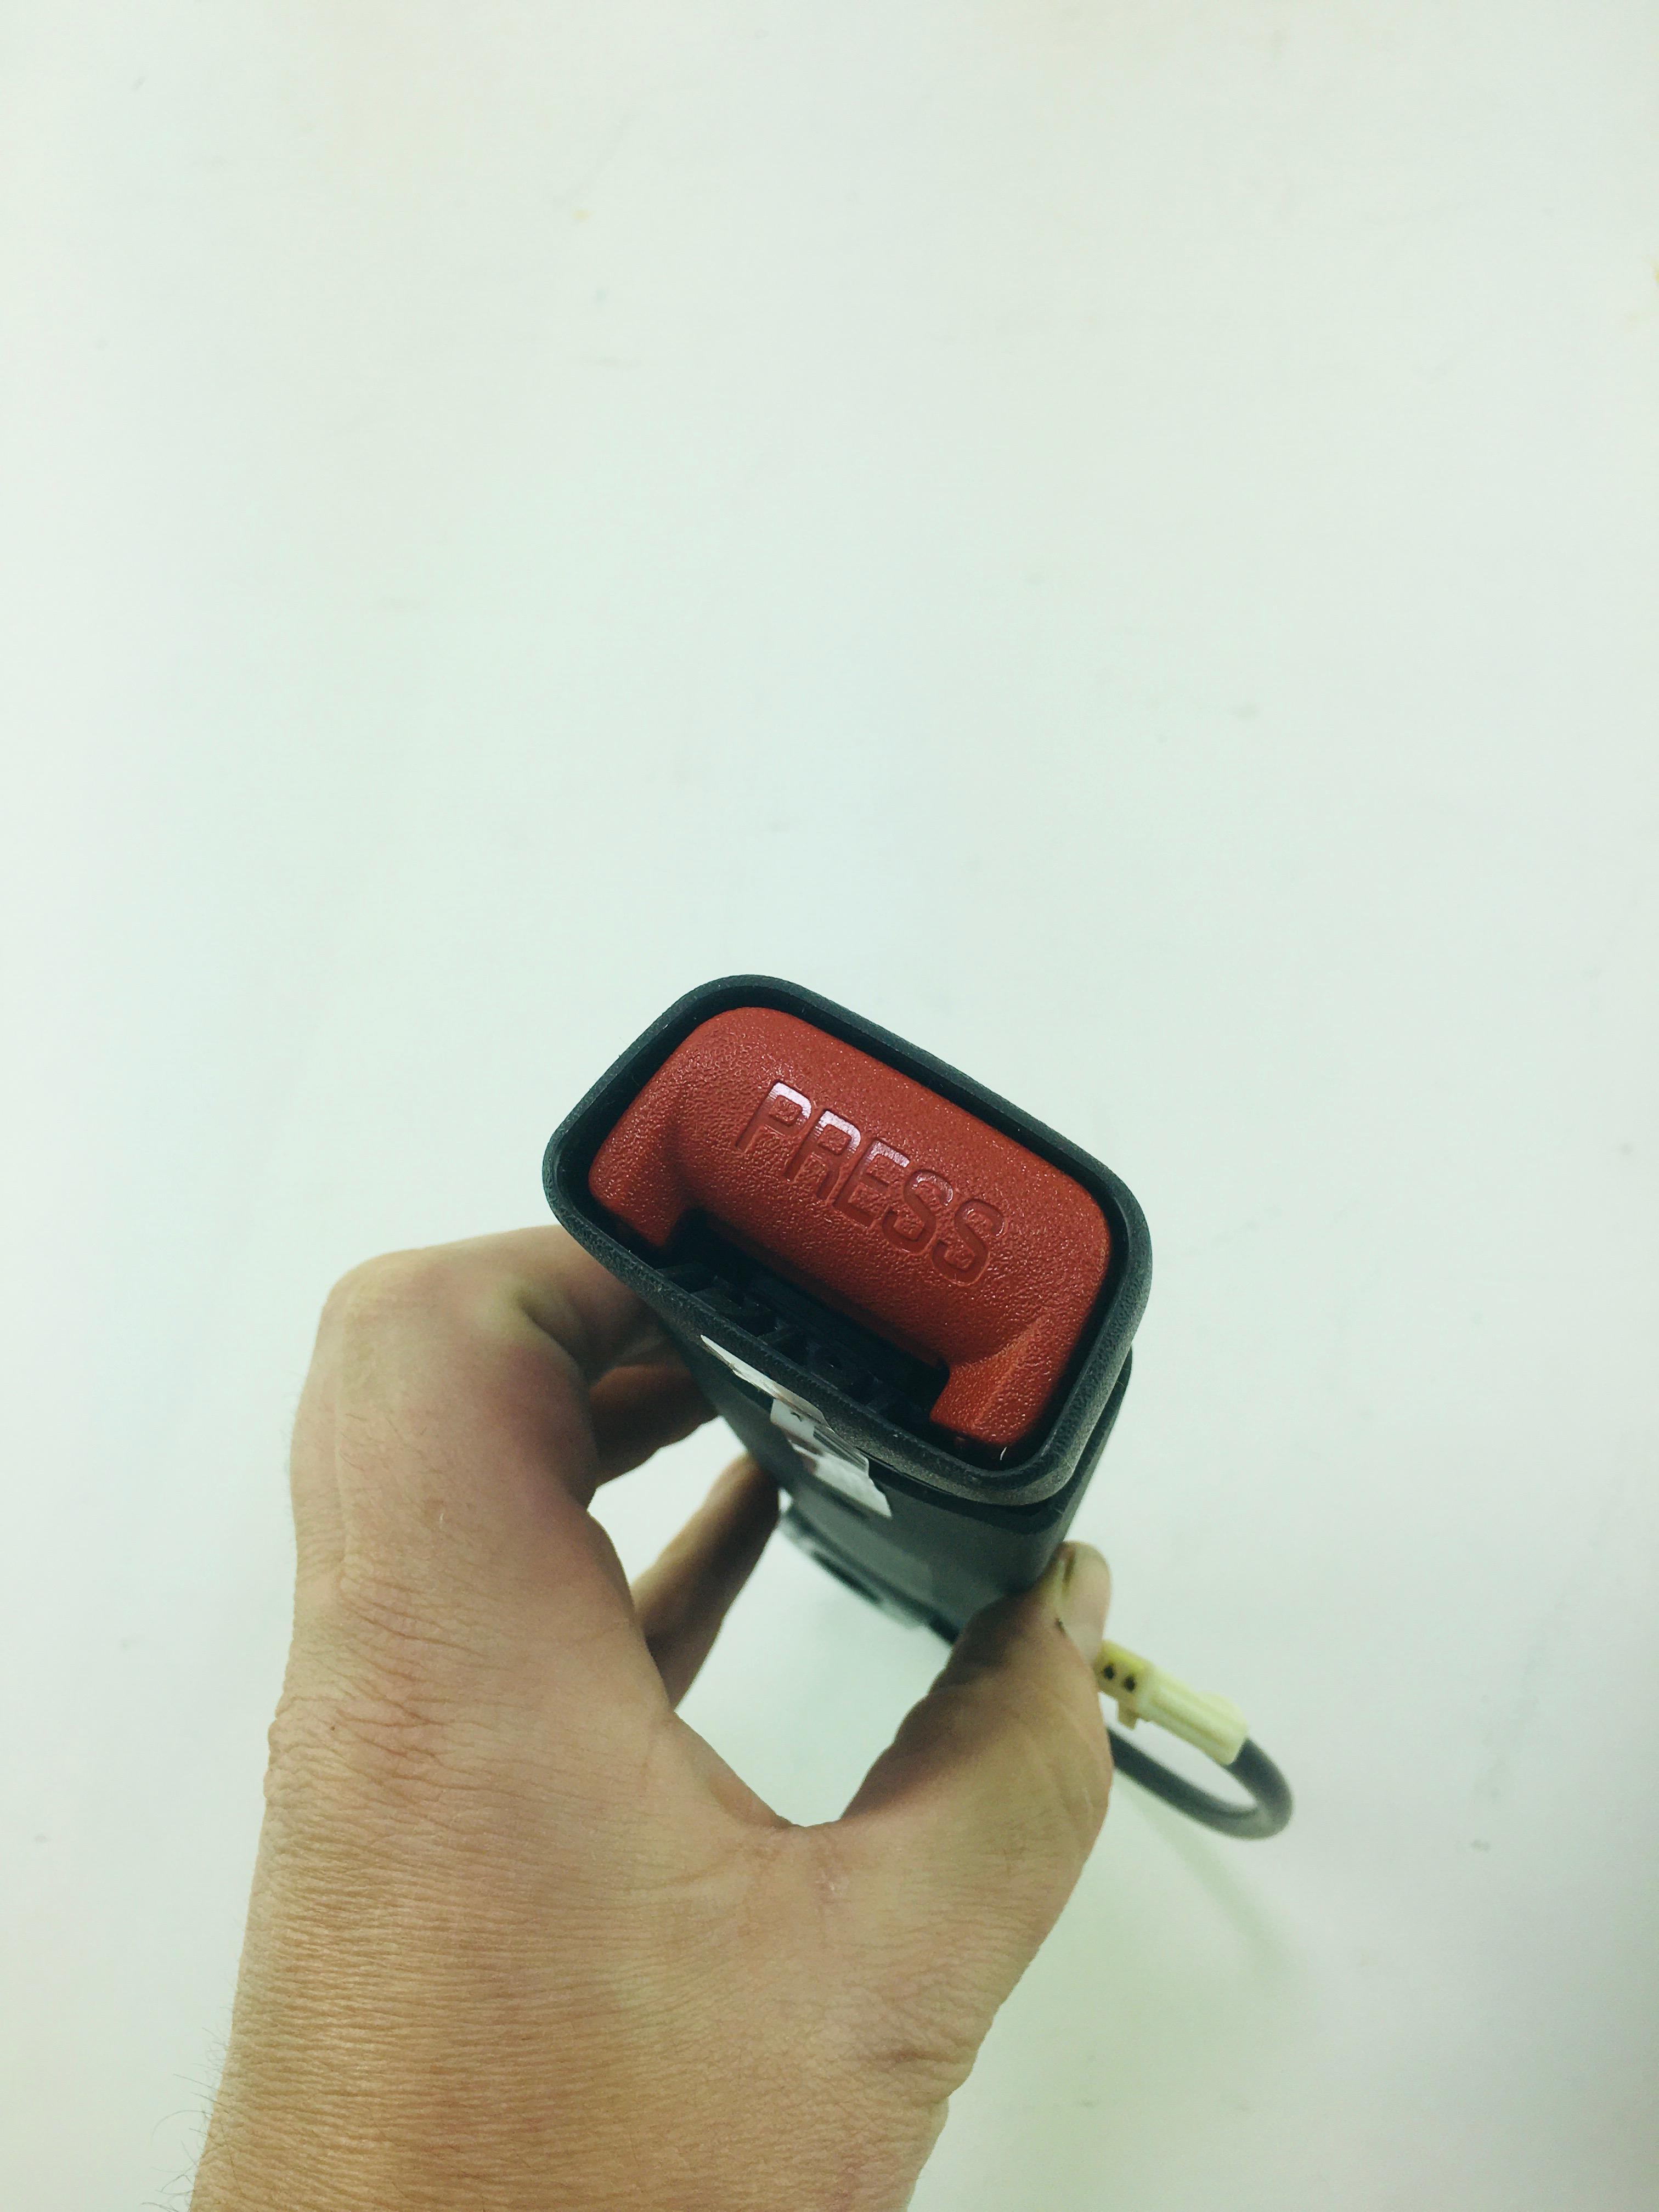 New OEM 5GT65LAZ-AD Mopar Driver Left Inner Seat Belt Dodge Ram 2500 3500 - image 2